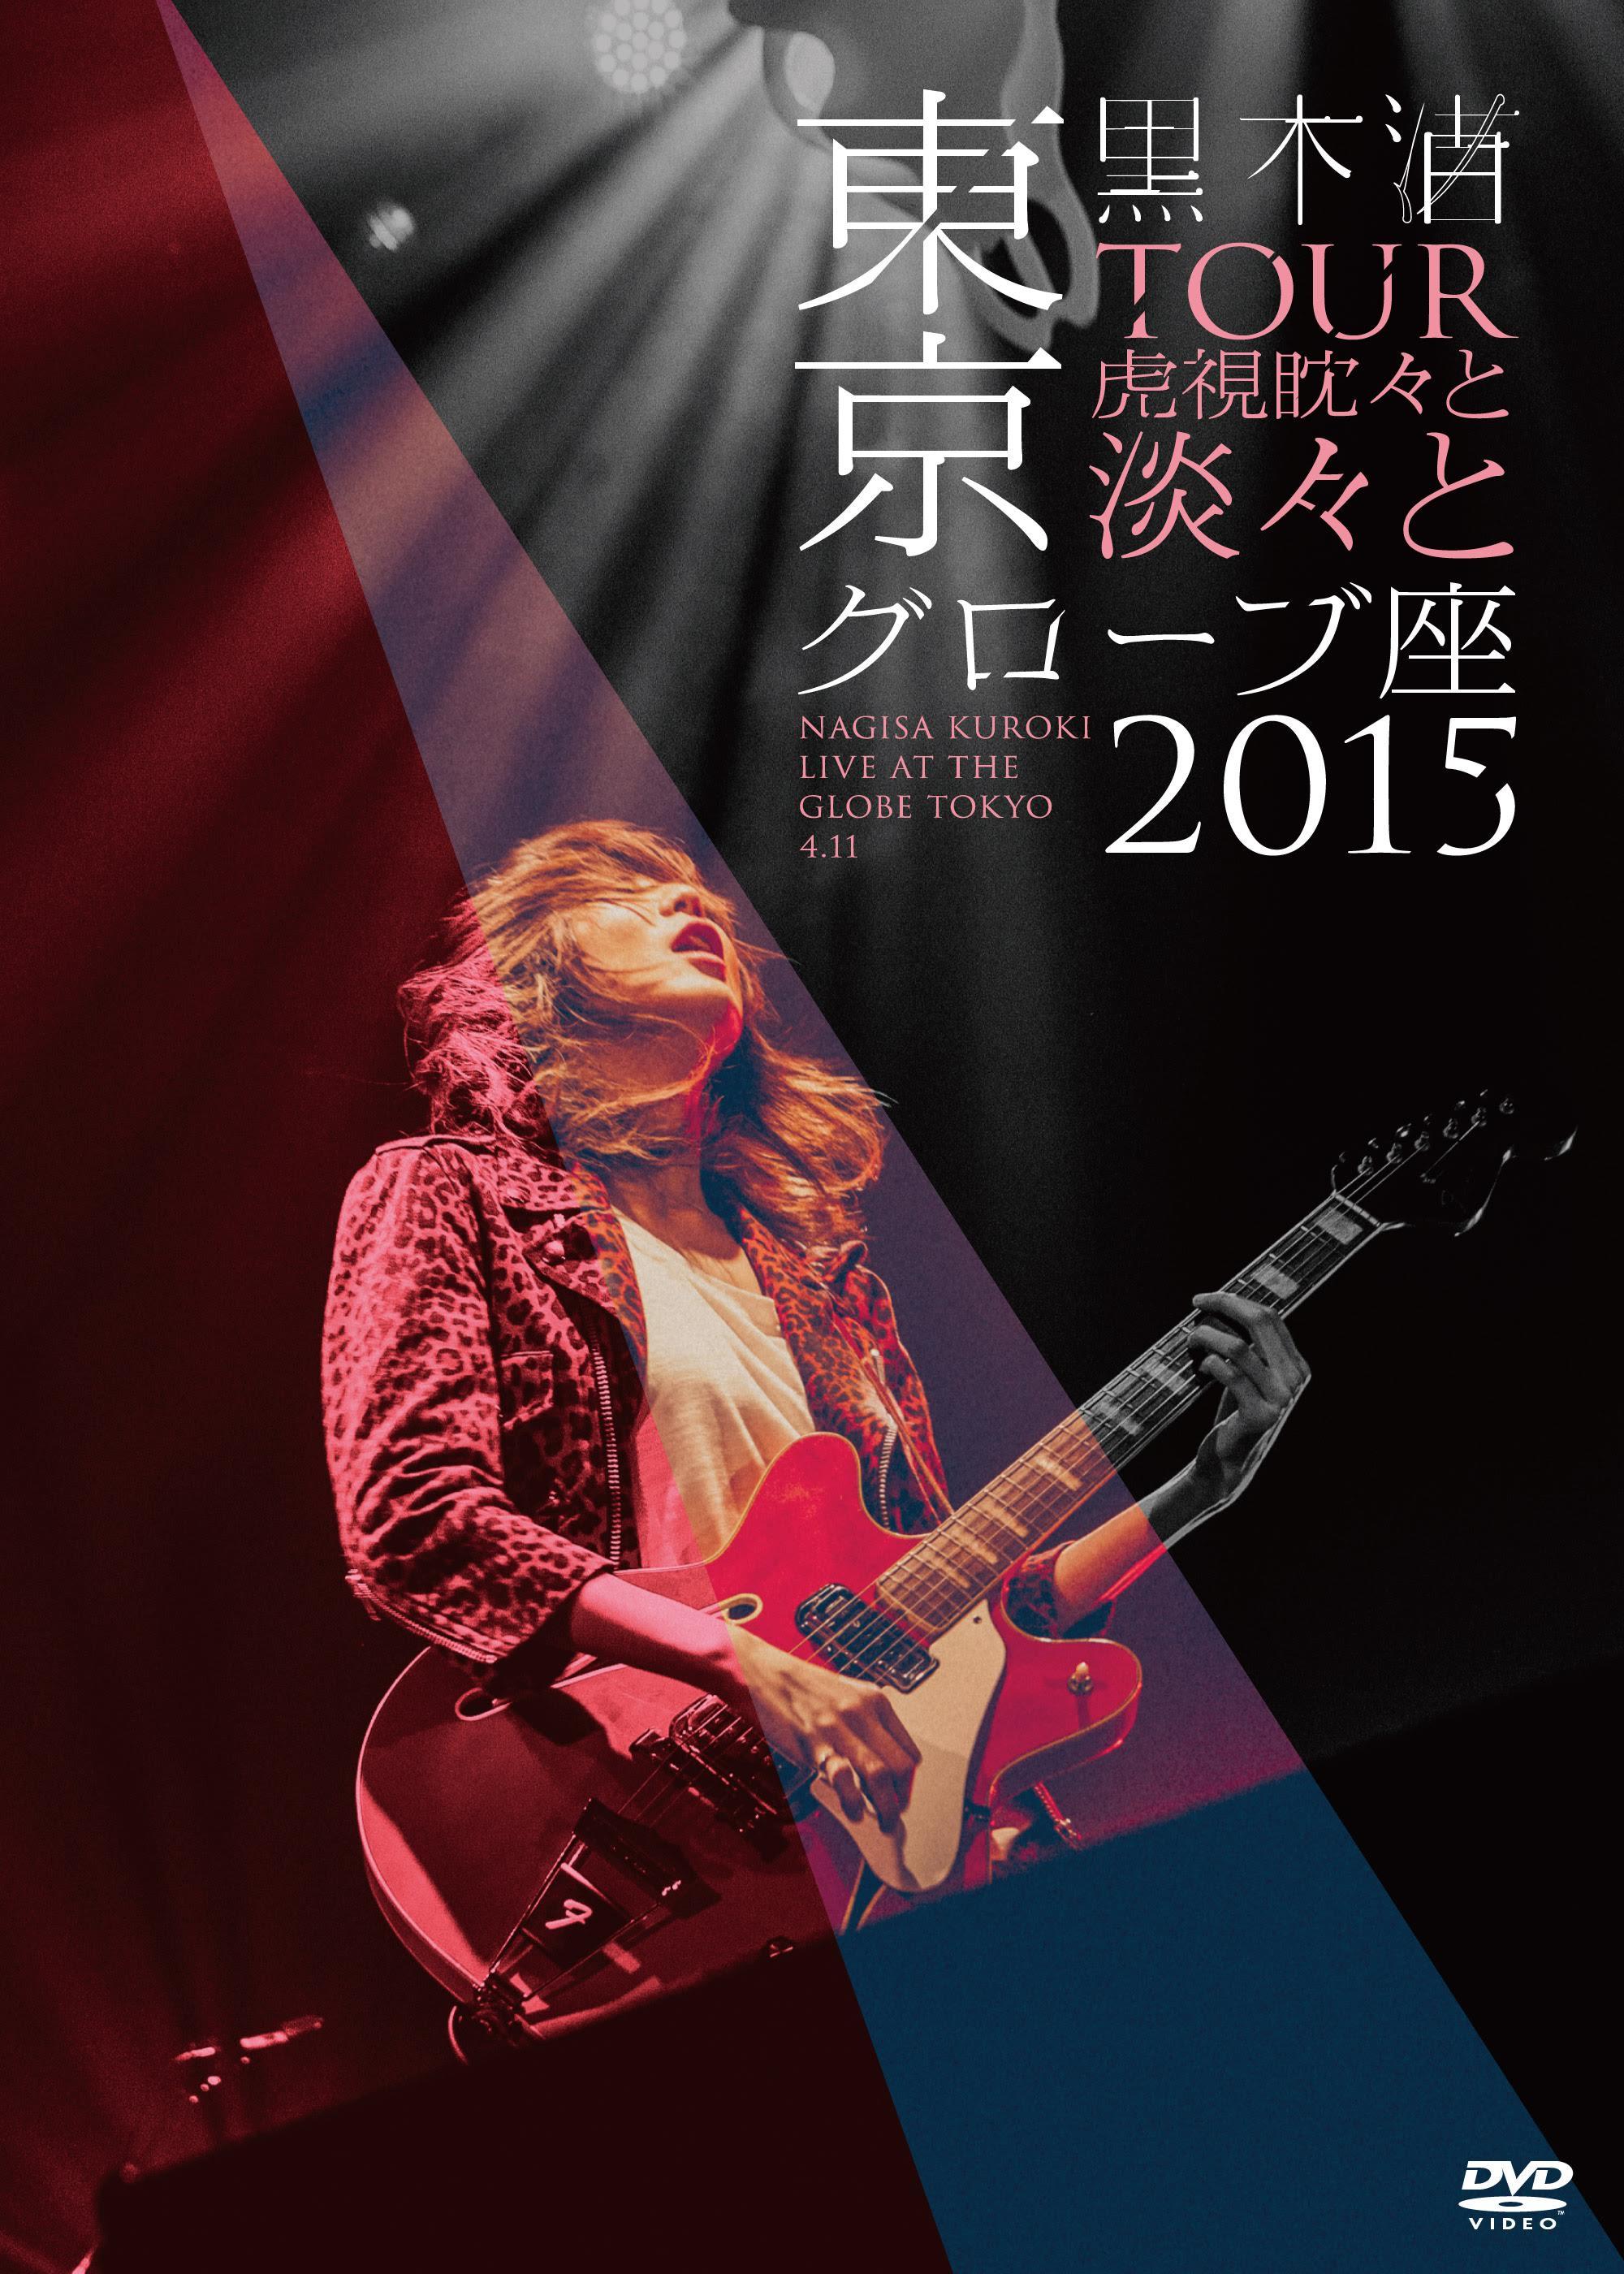 黒木渚_TOUR「虎視眈々と淡々と」東京グローブ座 2015